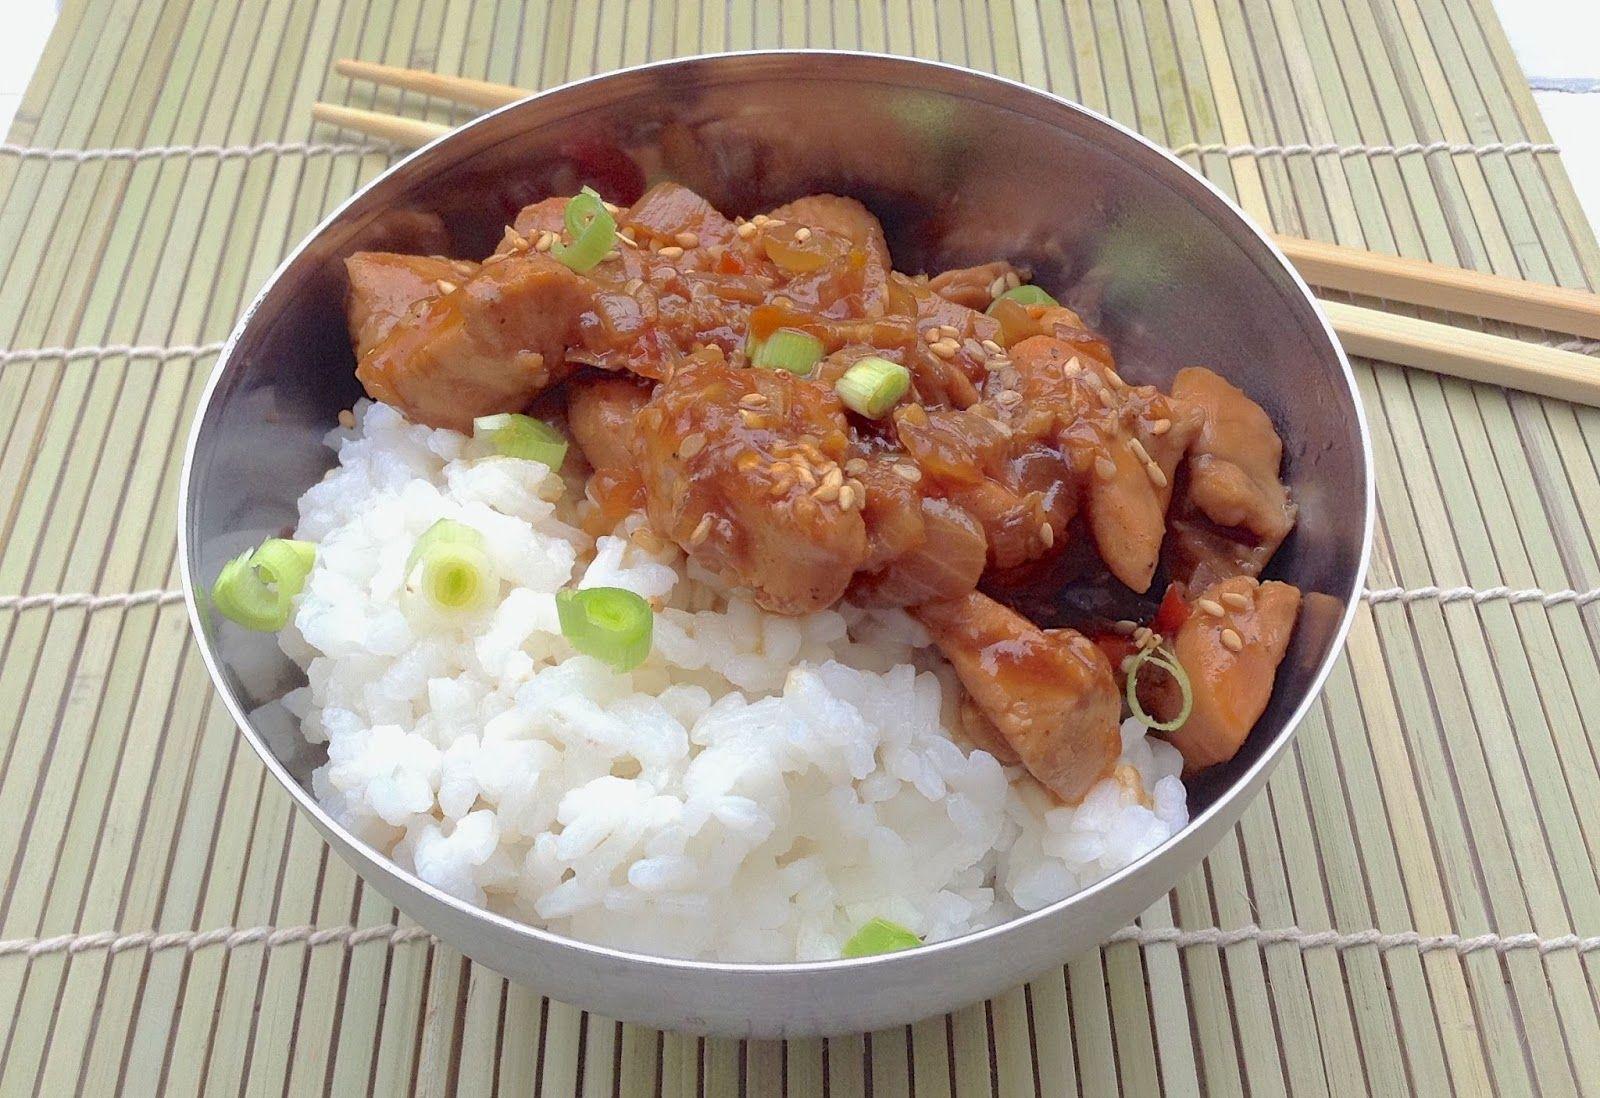 Pollo a la naranja f cil y r pido hoy comemos sano for Que cocinar hoy facil y rapido